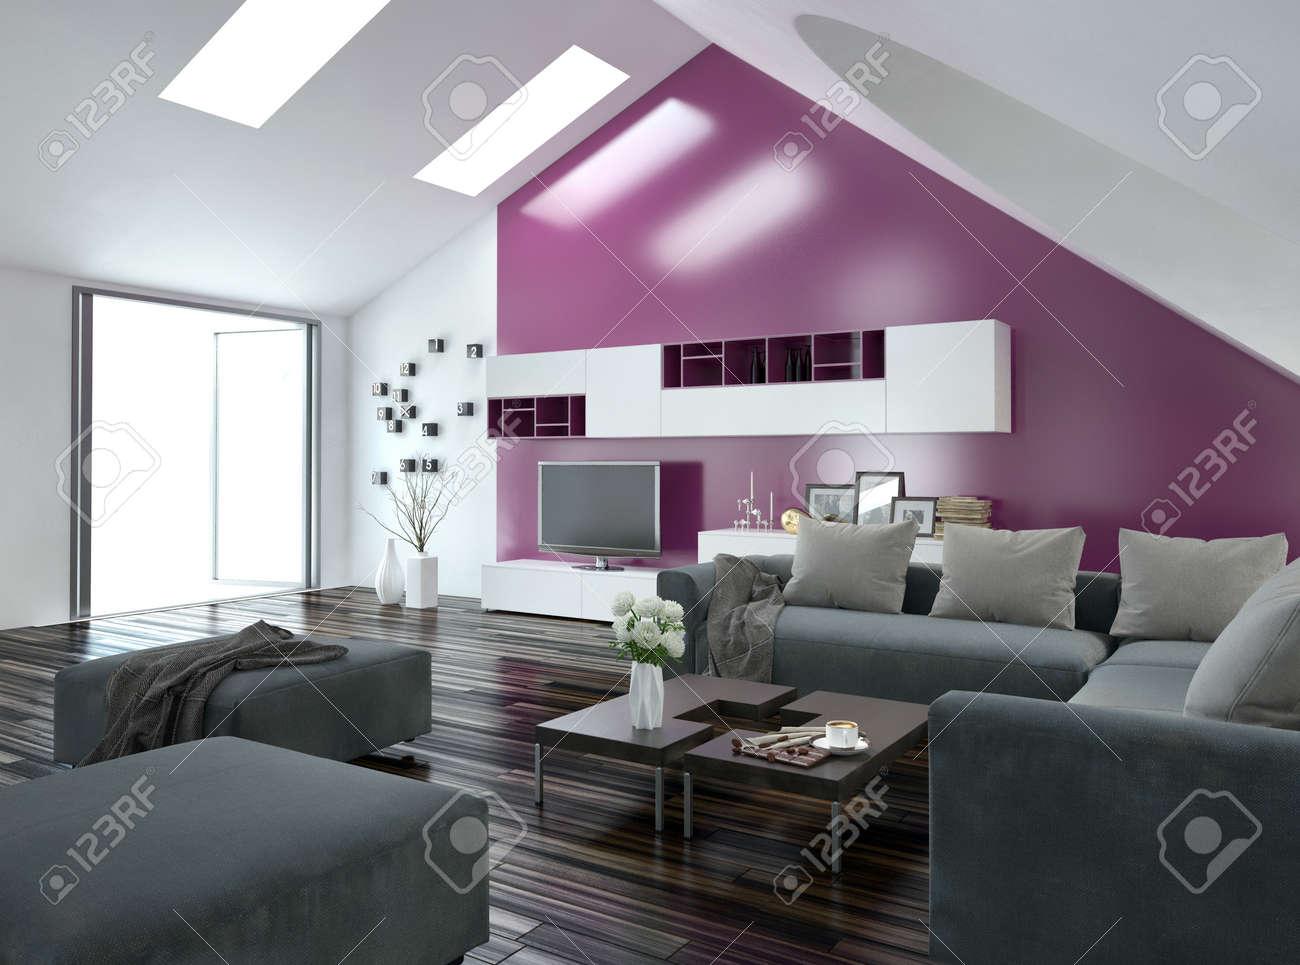 modern appartement woonkamer interieur met een paars accent muur, Deco ideeën